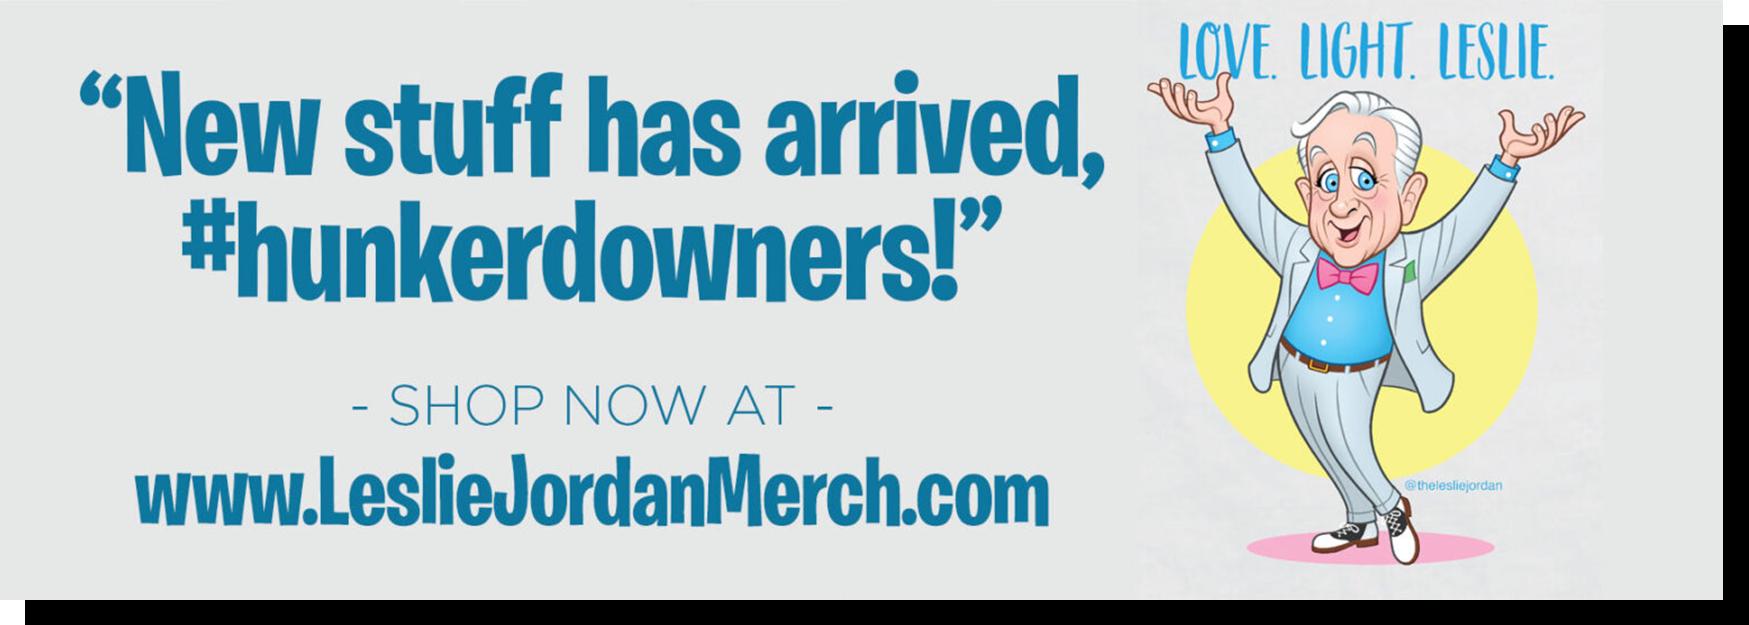 Leslie Jordan Store Page Merchant Banner